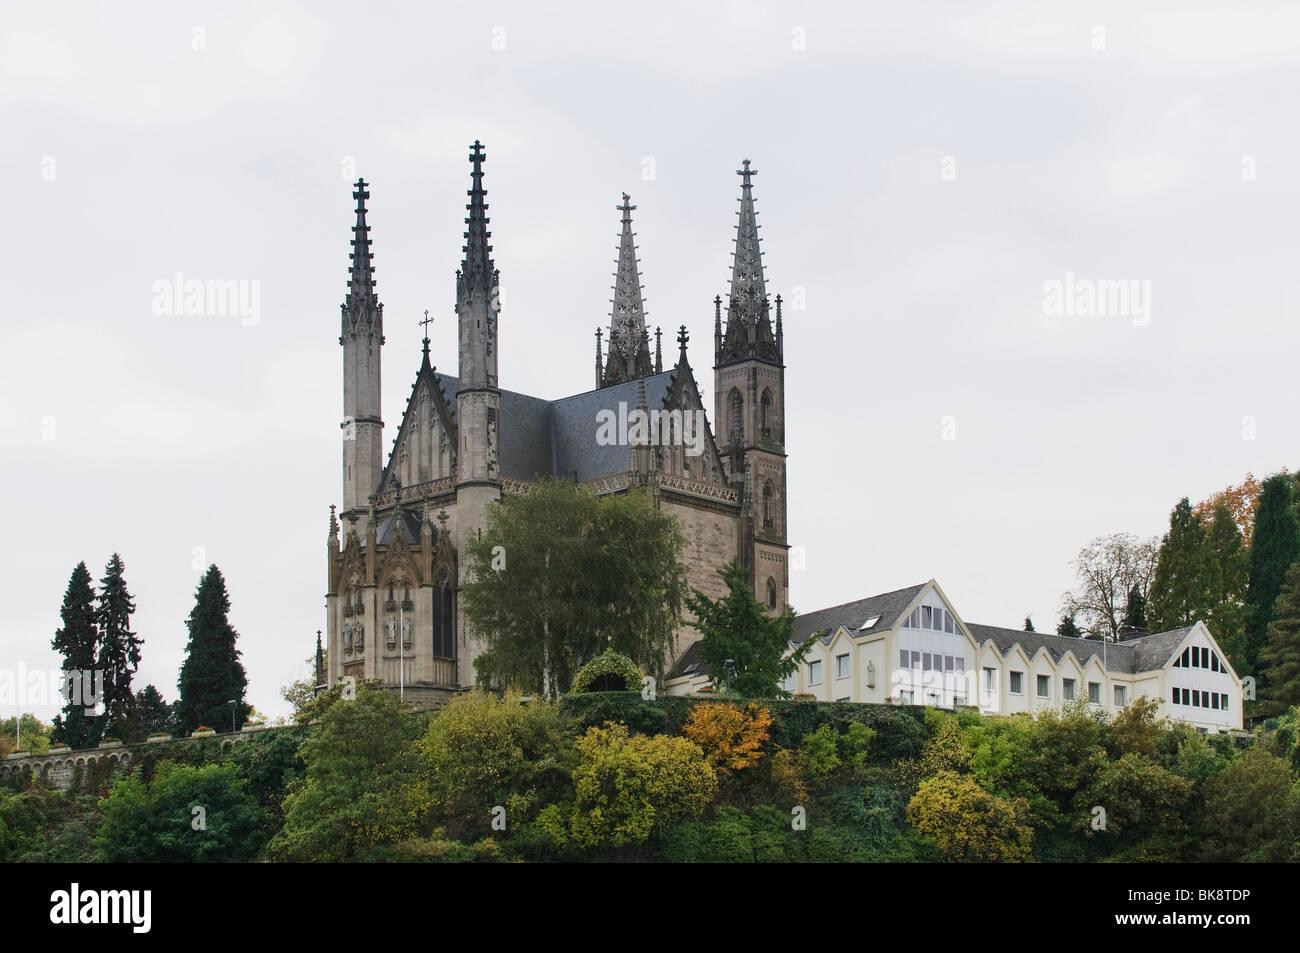 La iglesia de peregrinación de San Apolinar con edificios agrícolas, Remagen, Renania-Palatinado, Alemania, Imagen De Stock